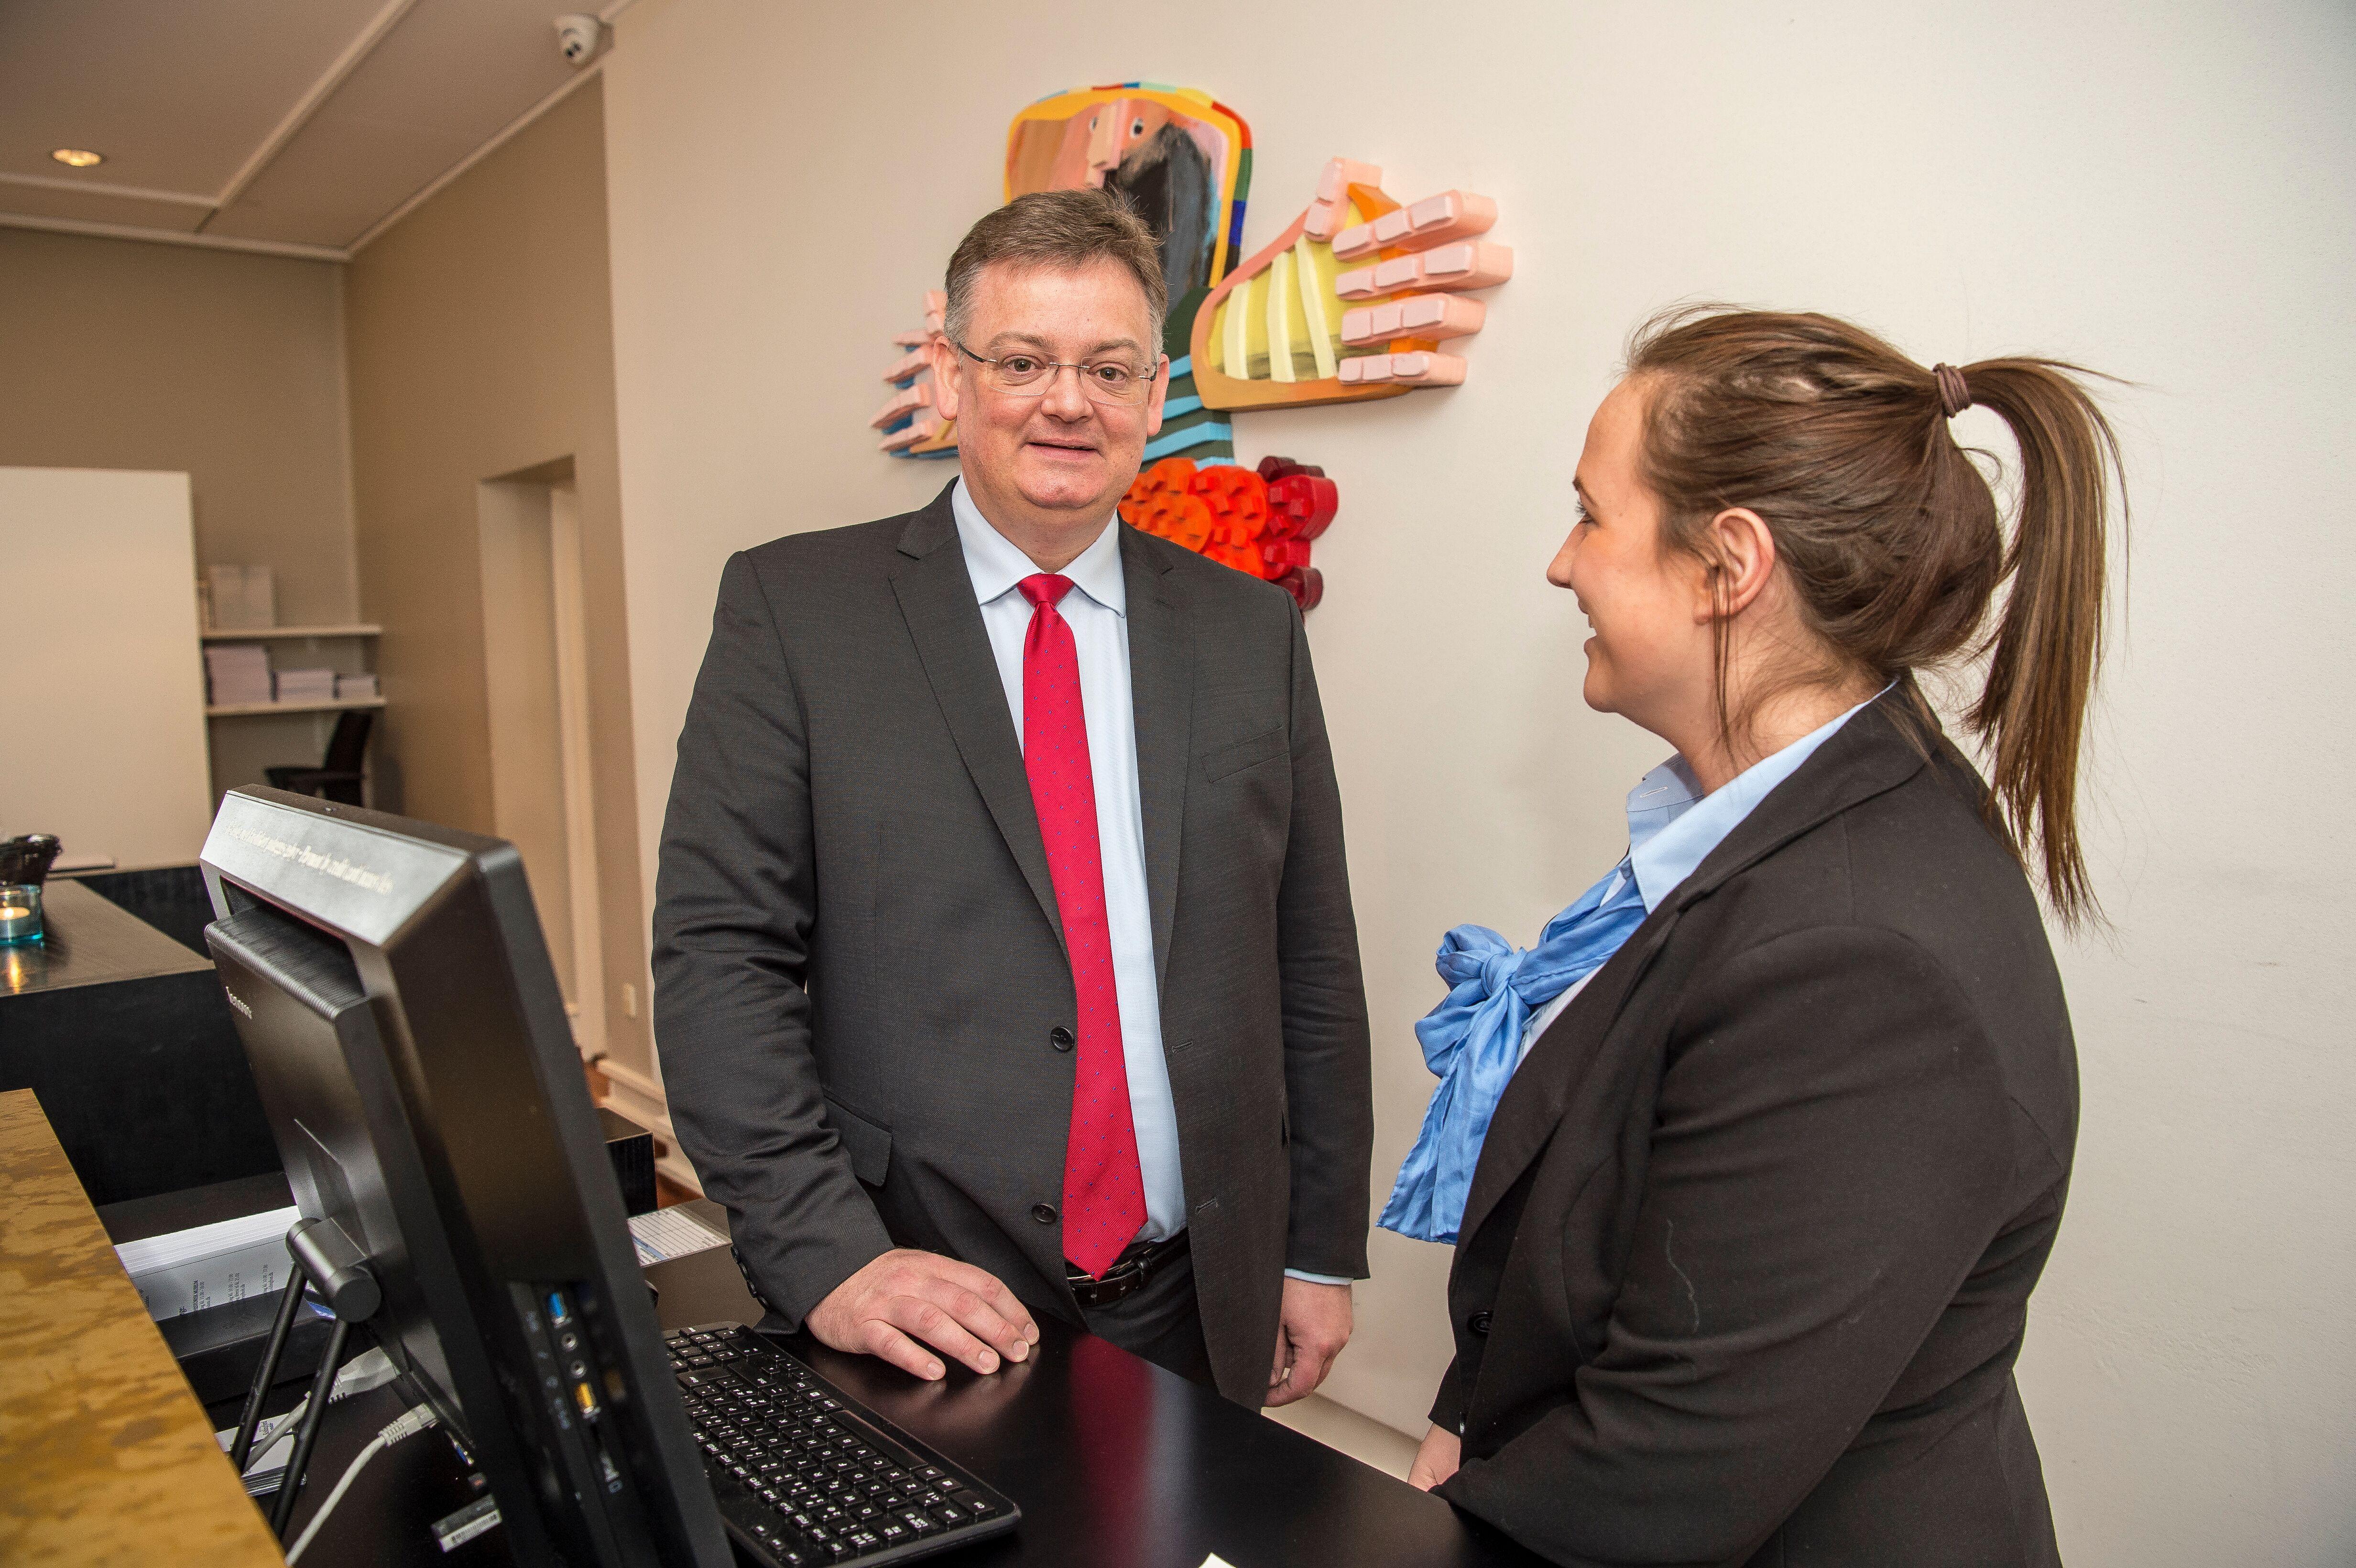 Peder J. Madsen hjælper gerne i receptionen på Hotel Koldingfjord. Her er han bag skranken med receptionist Janne Hansen.